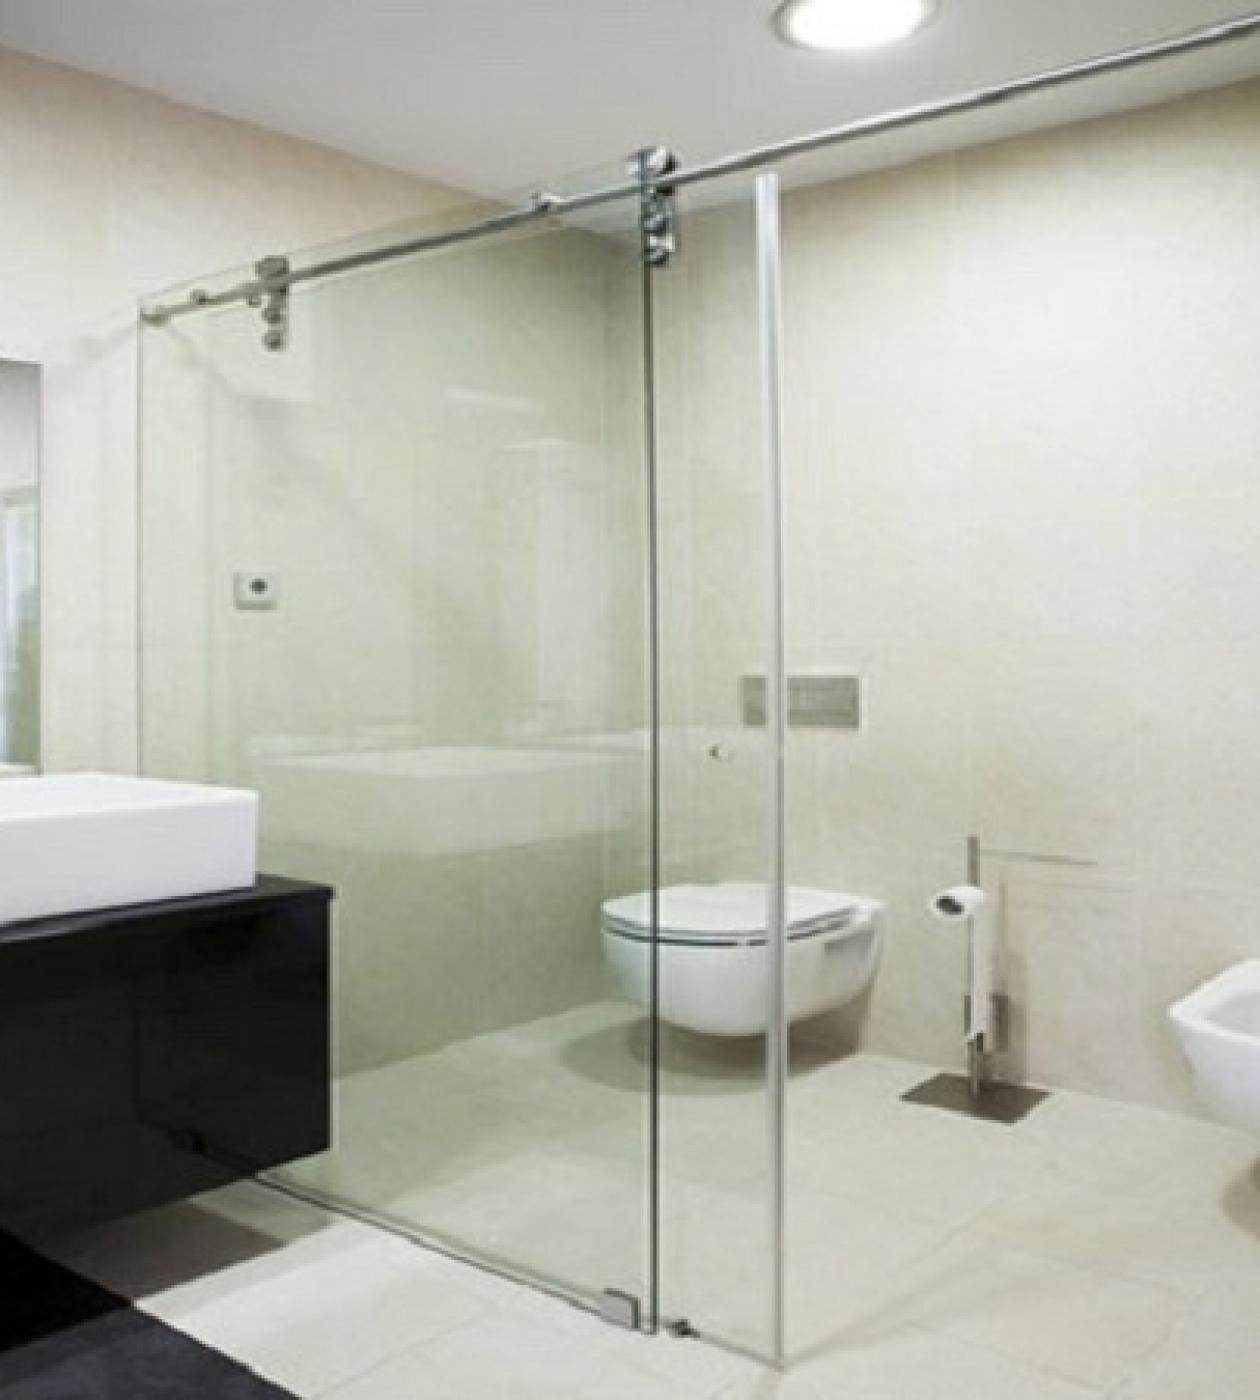 Phòng tắm vách kính cửa trượt lùa